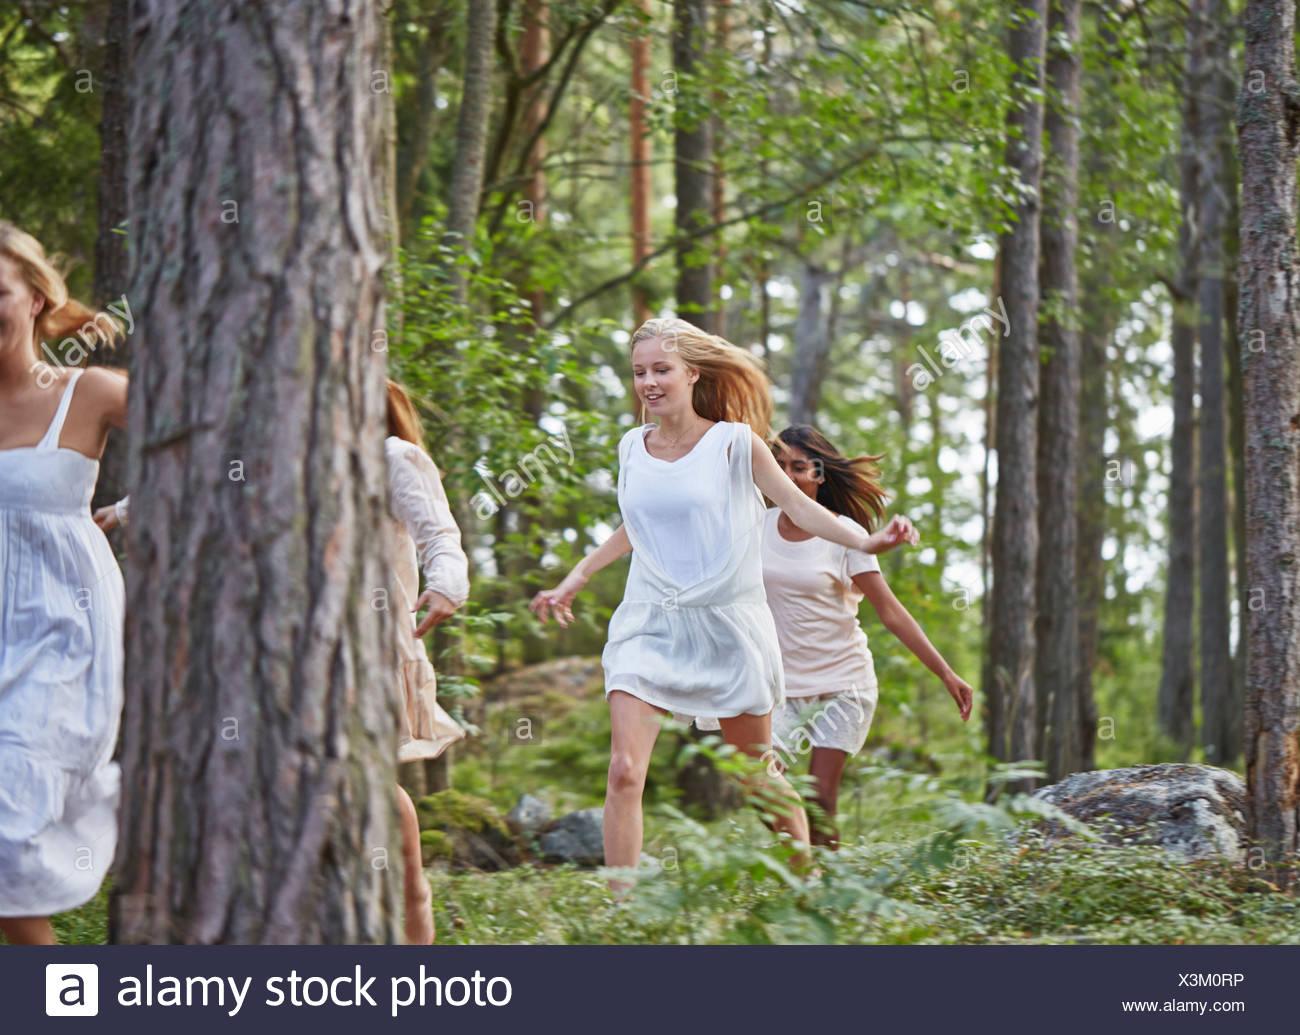 Le ragazze adolescenti in esecuzione nella foresta Immagini Stock